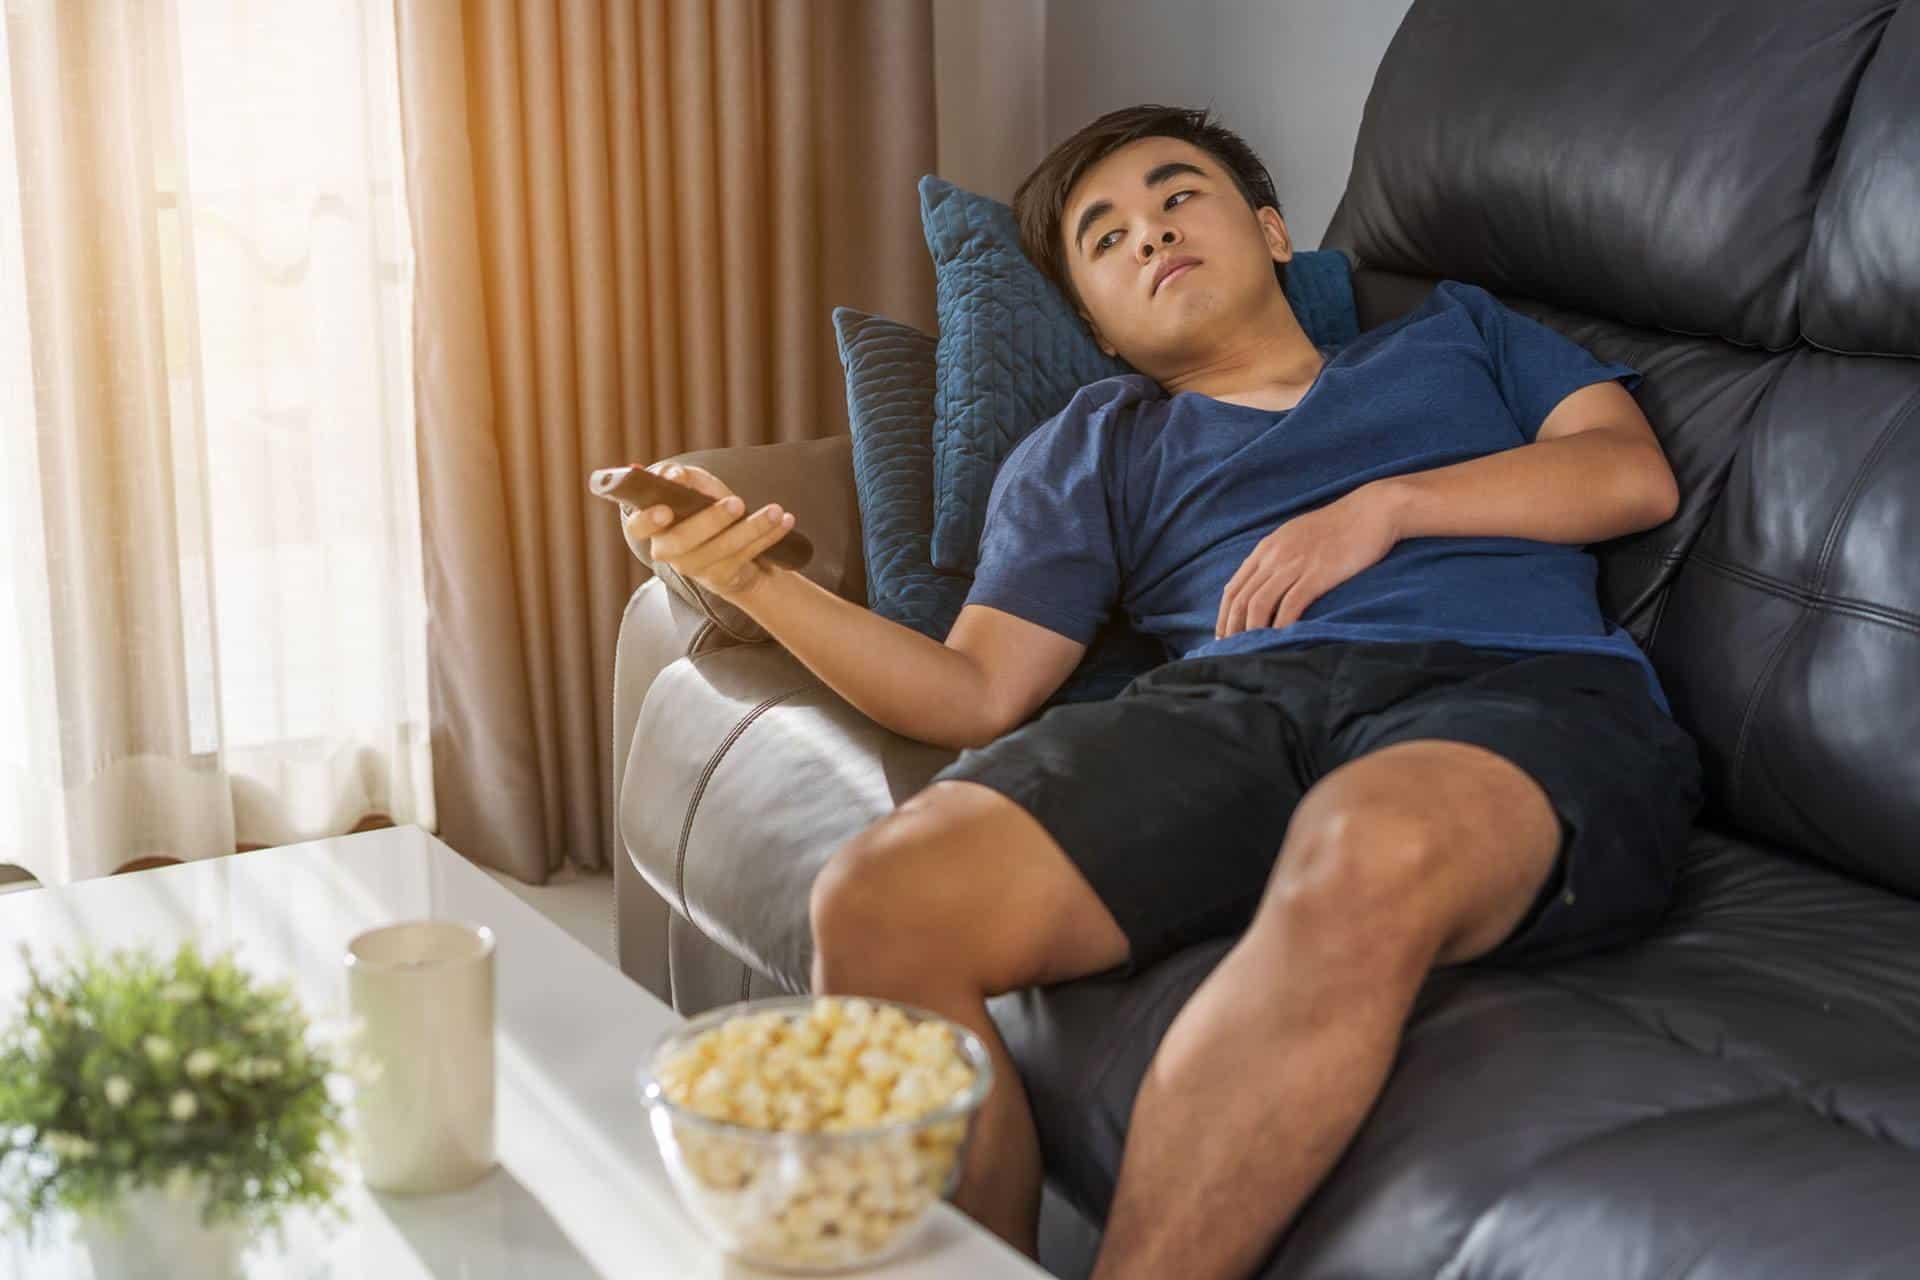 Ein junger Mann liegt gelangweilt auf der Couch. Foto: geargodz